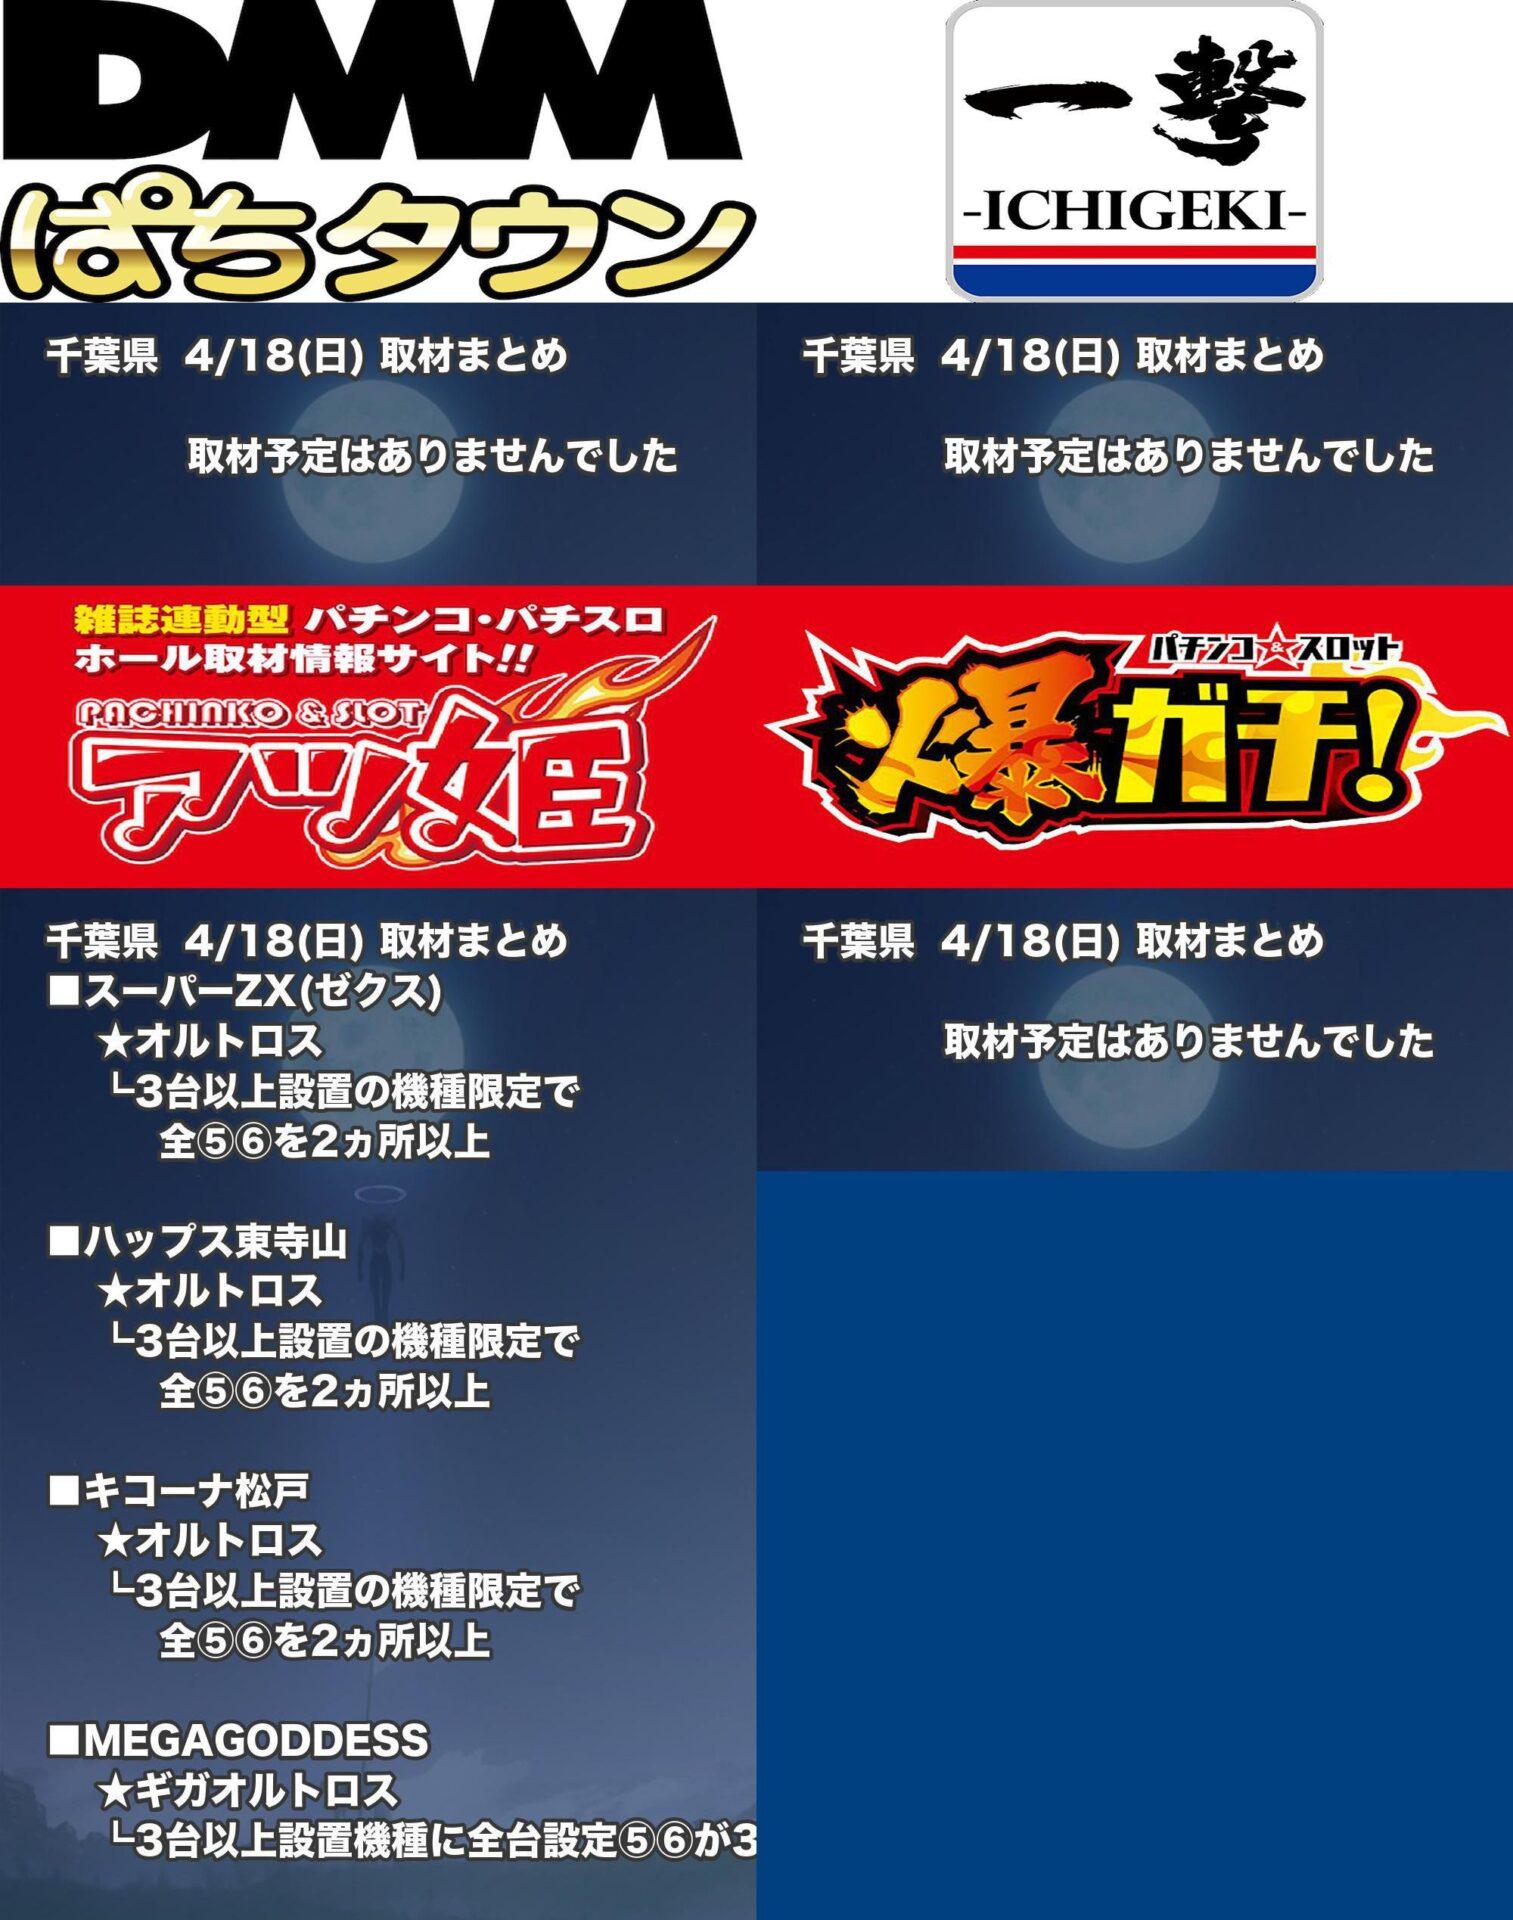 千葉県_2021-04-18_パチンコ・パチスロ